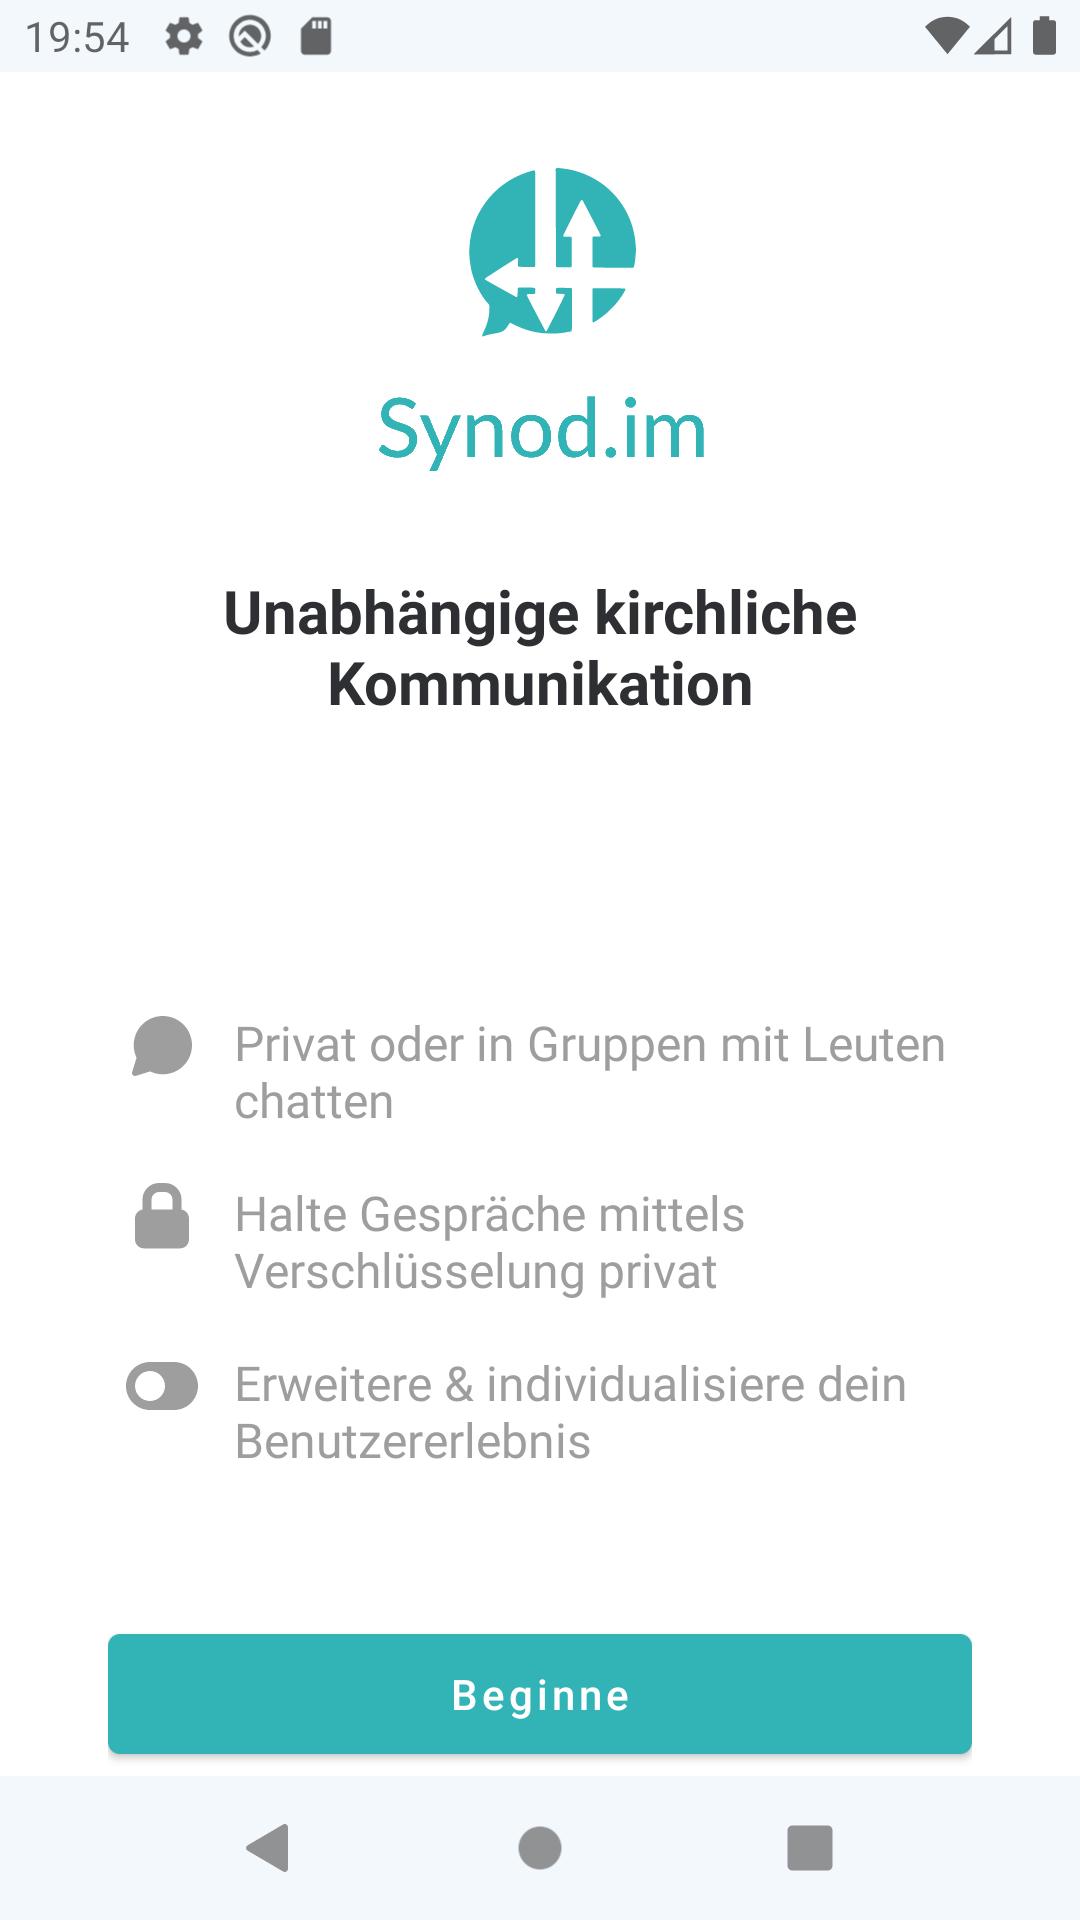 """Screenshot des Startbildschirms von Synod.im. Oben ist das Logo zu sehen mit der Unterschrift: """"Unabhängige kirchliche Kommunikation"""""""